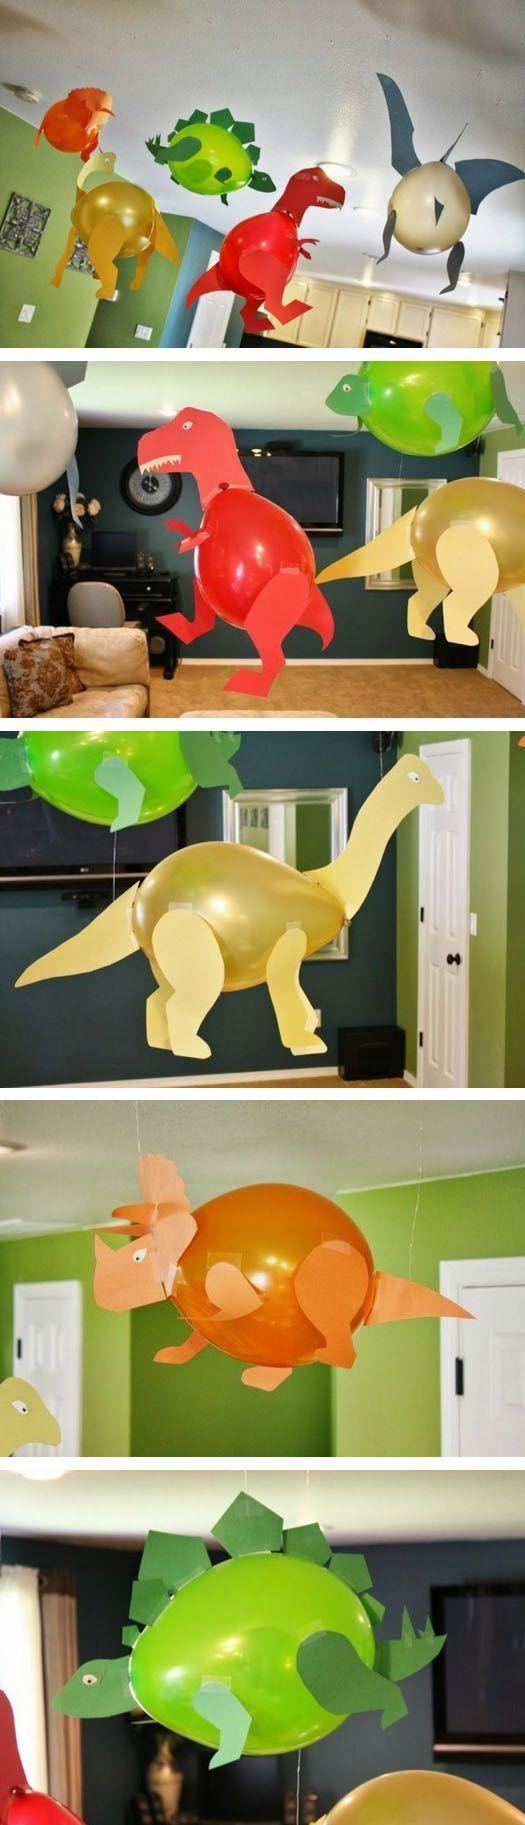 decoracao-com-baloes-6